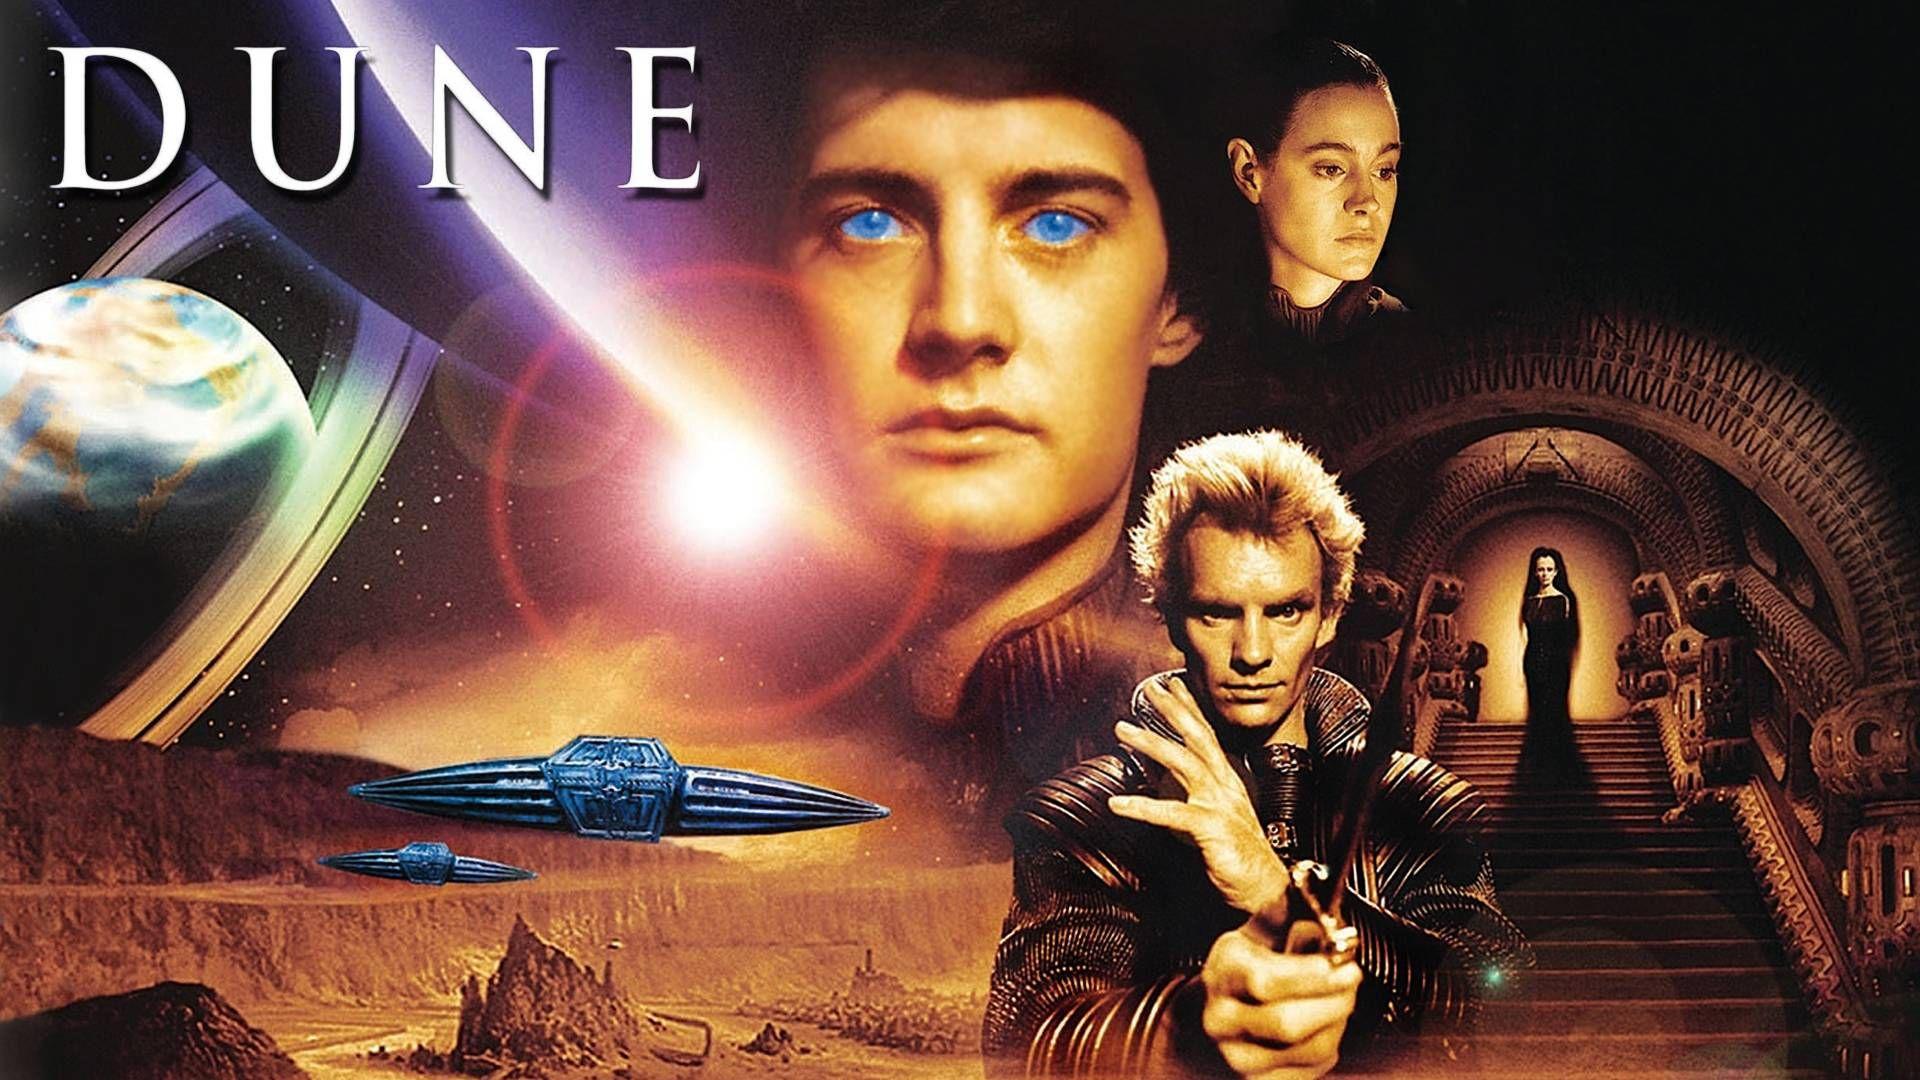 Dune (Wallpaper), Wallpaper For Dune